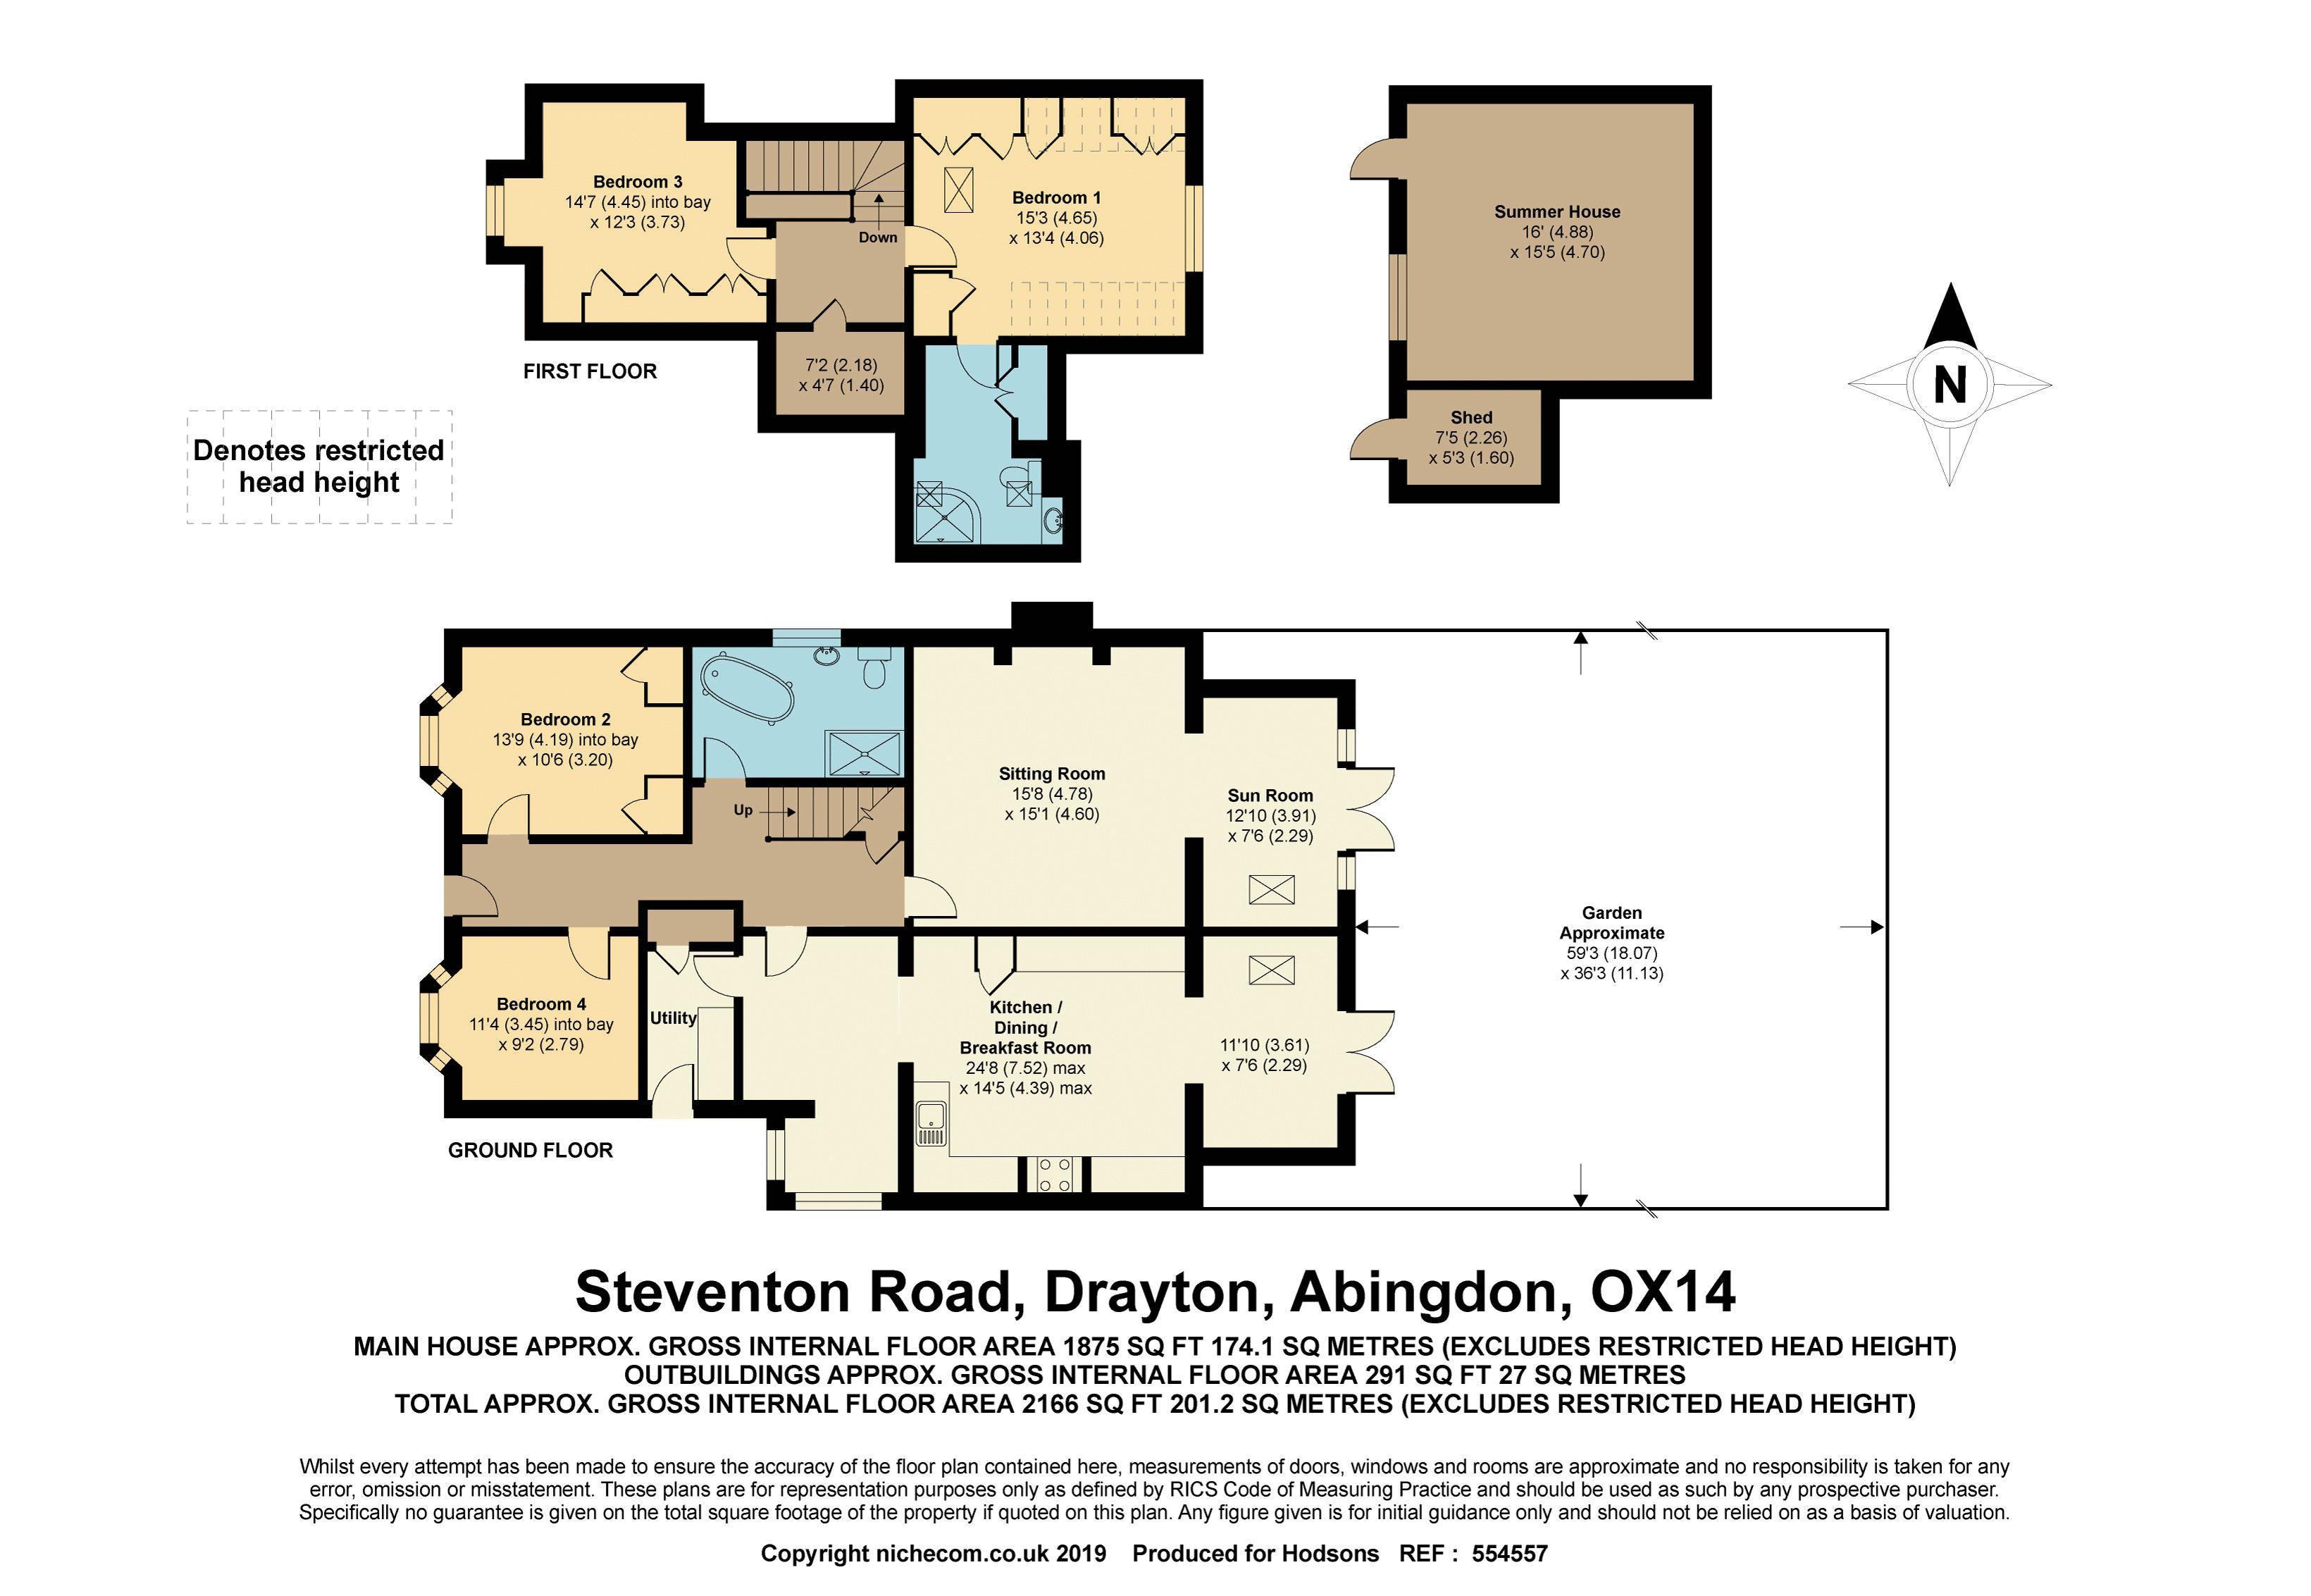 Steventon Road Drayton